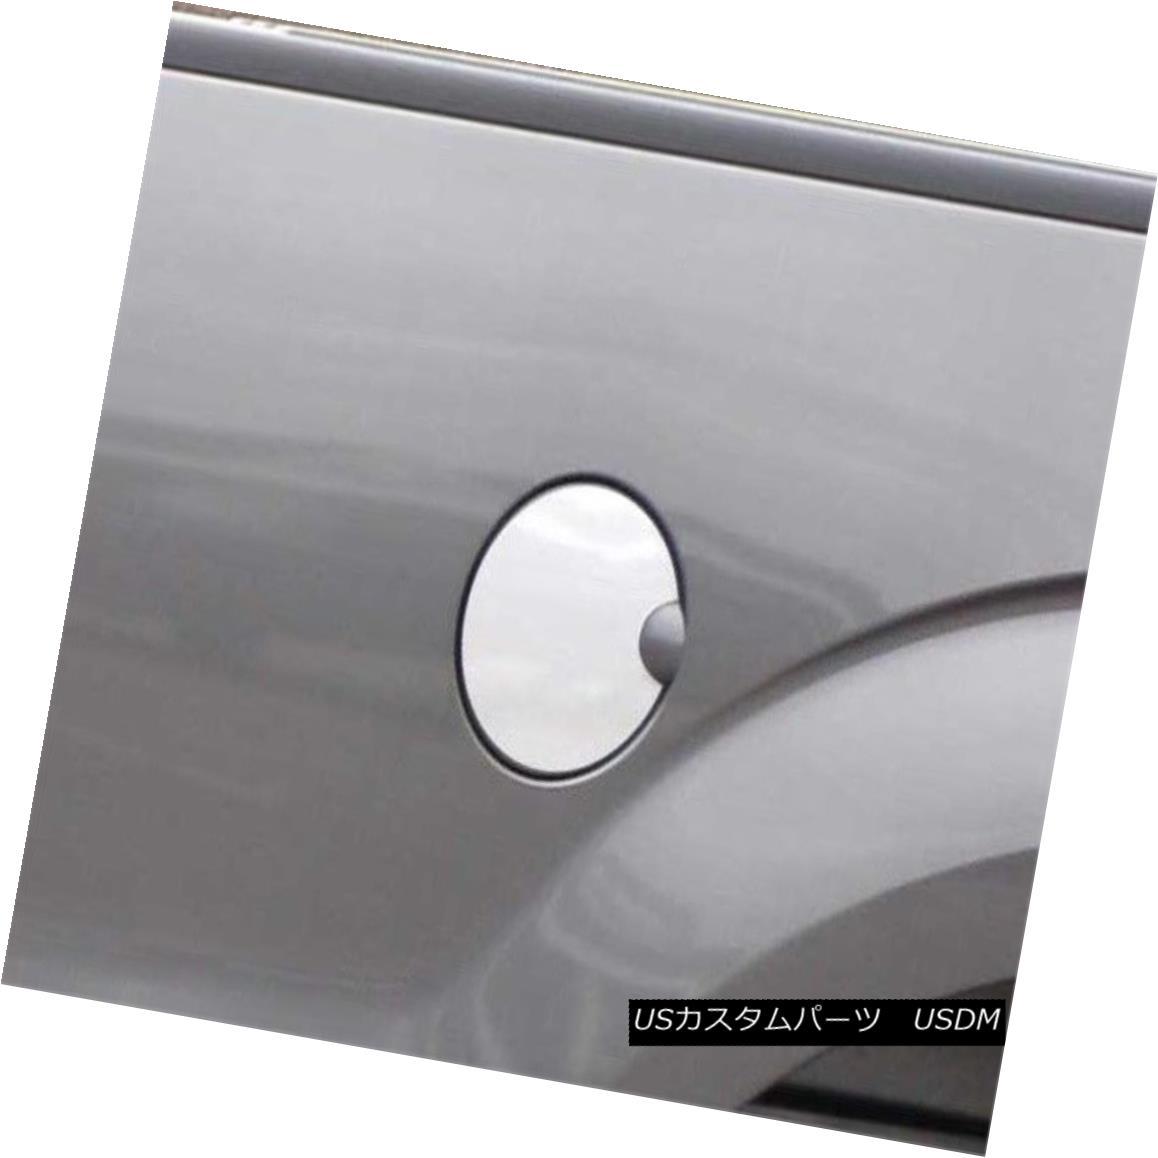 グリル Fits 2009-2014 FORD F150 2/4-door -Stainless Steel GAS CAP DOOR フィット2009-2014フォードF150 2/4ドア - ステンレススチールガスCAP DOOR